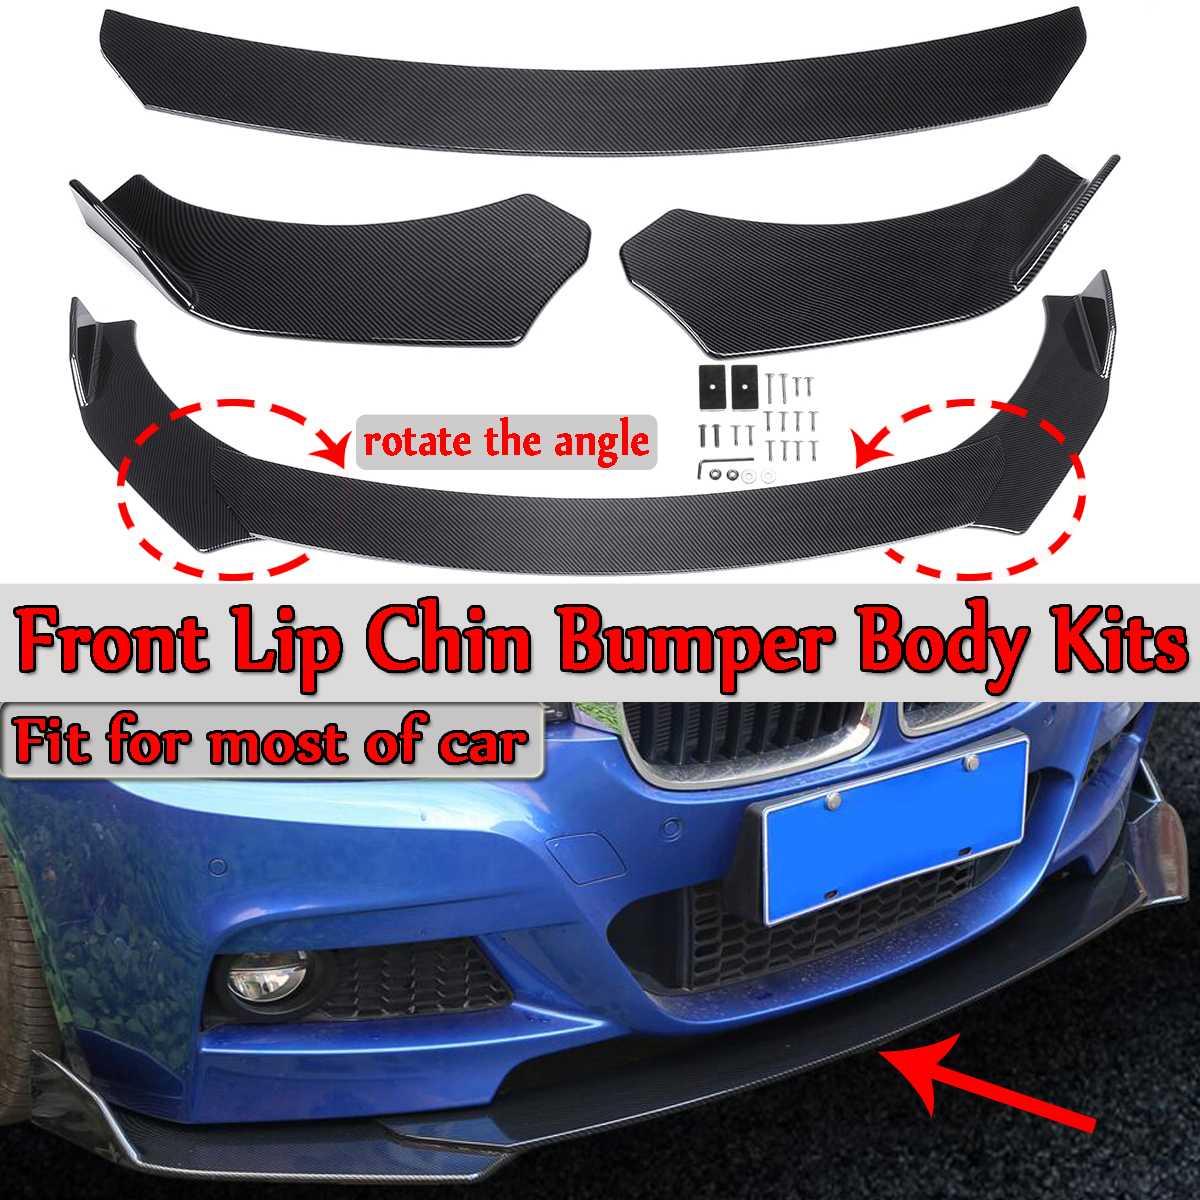 Universel 3 pièces voiture avant lèvre menton pare-chocs corps Kits en Fiber de carbone Look/noir faire pivoter l'angle nouveau pour Honda pour Audi pour Benz